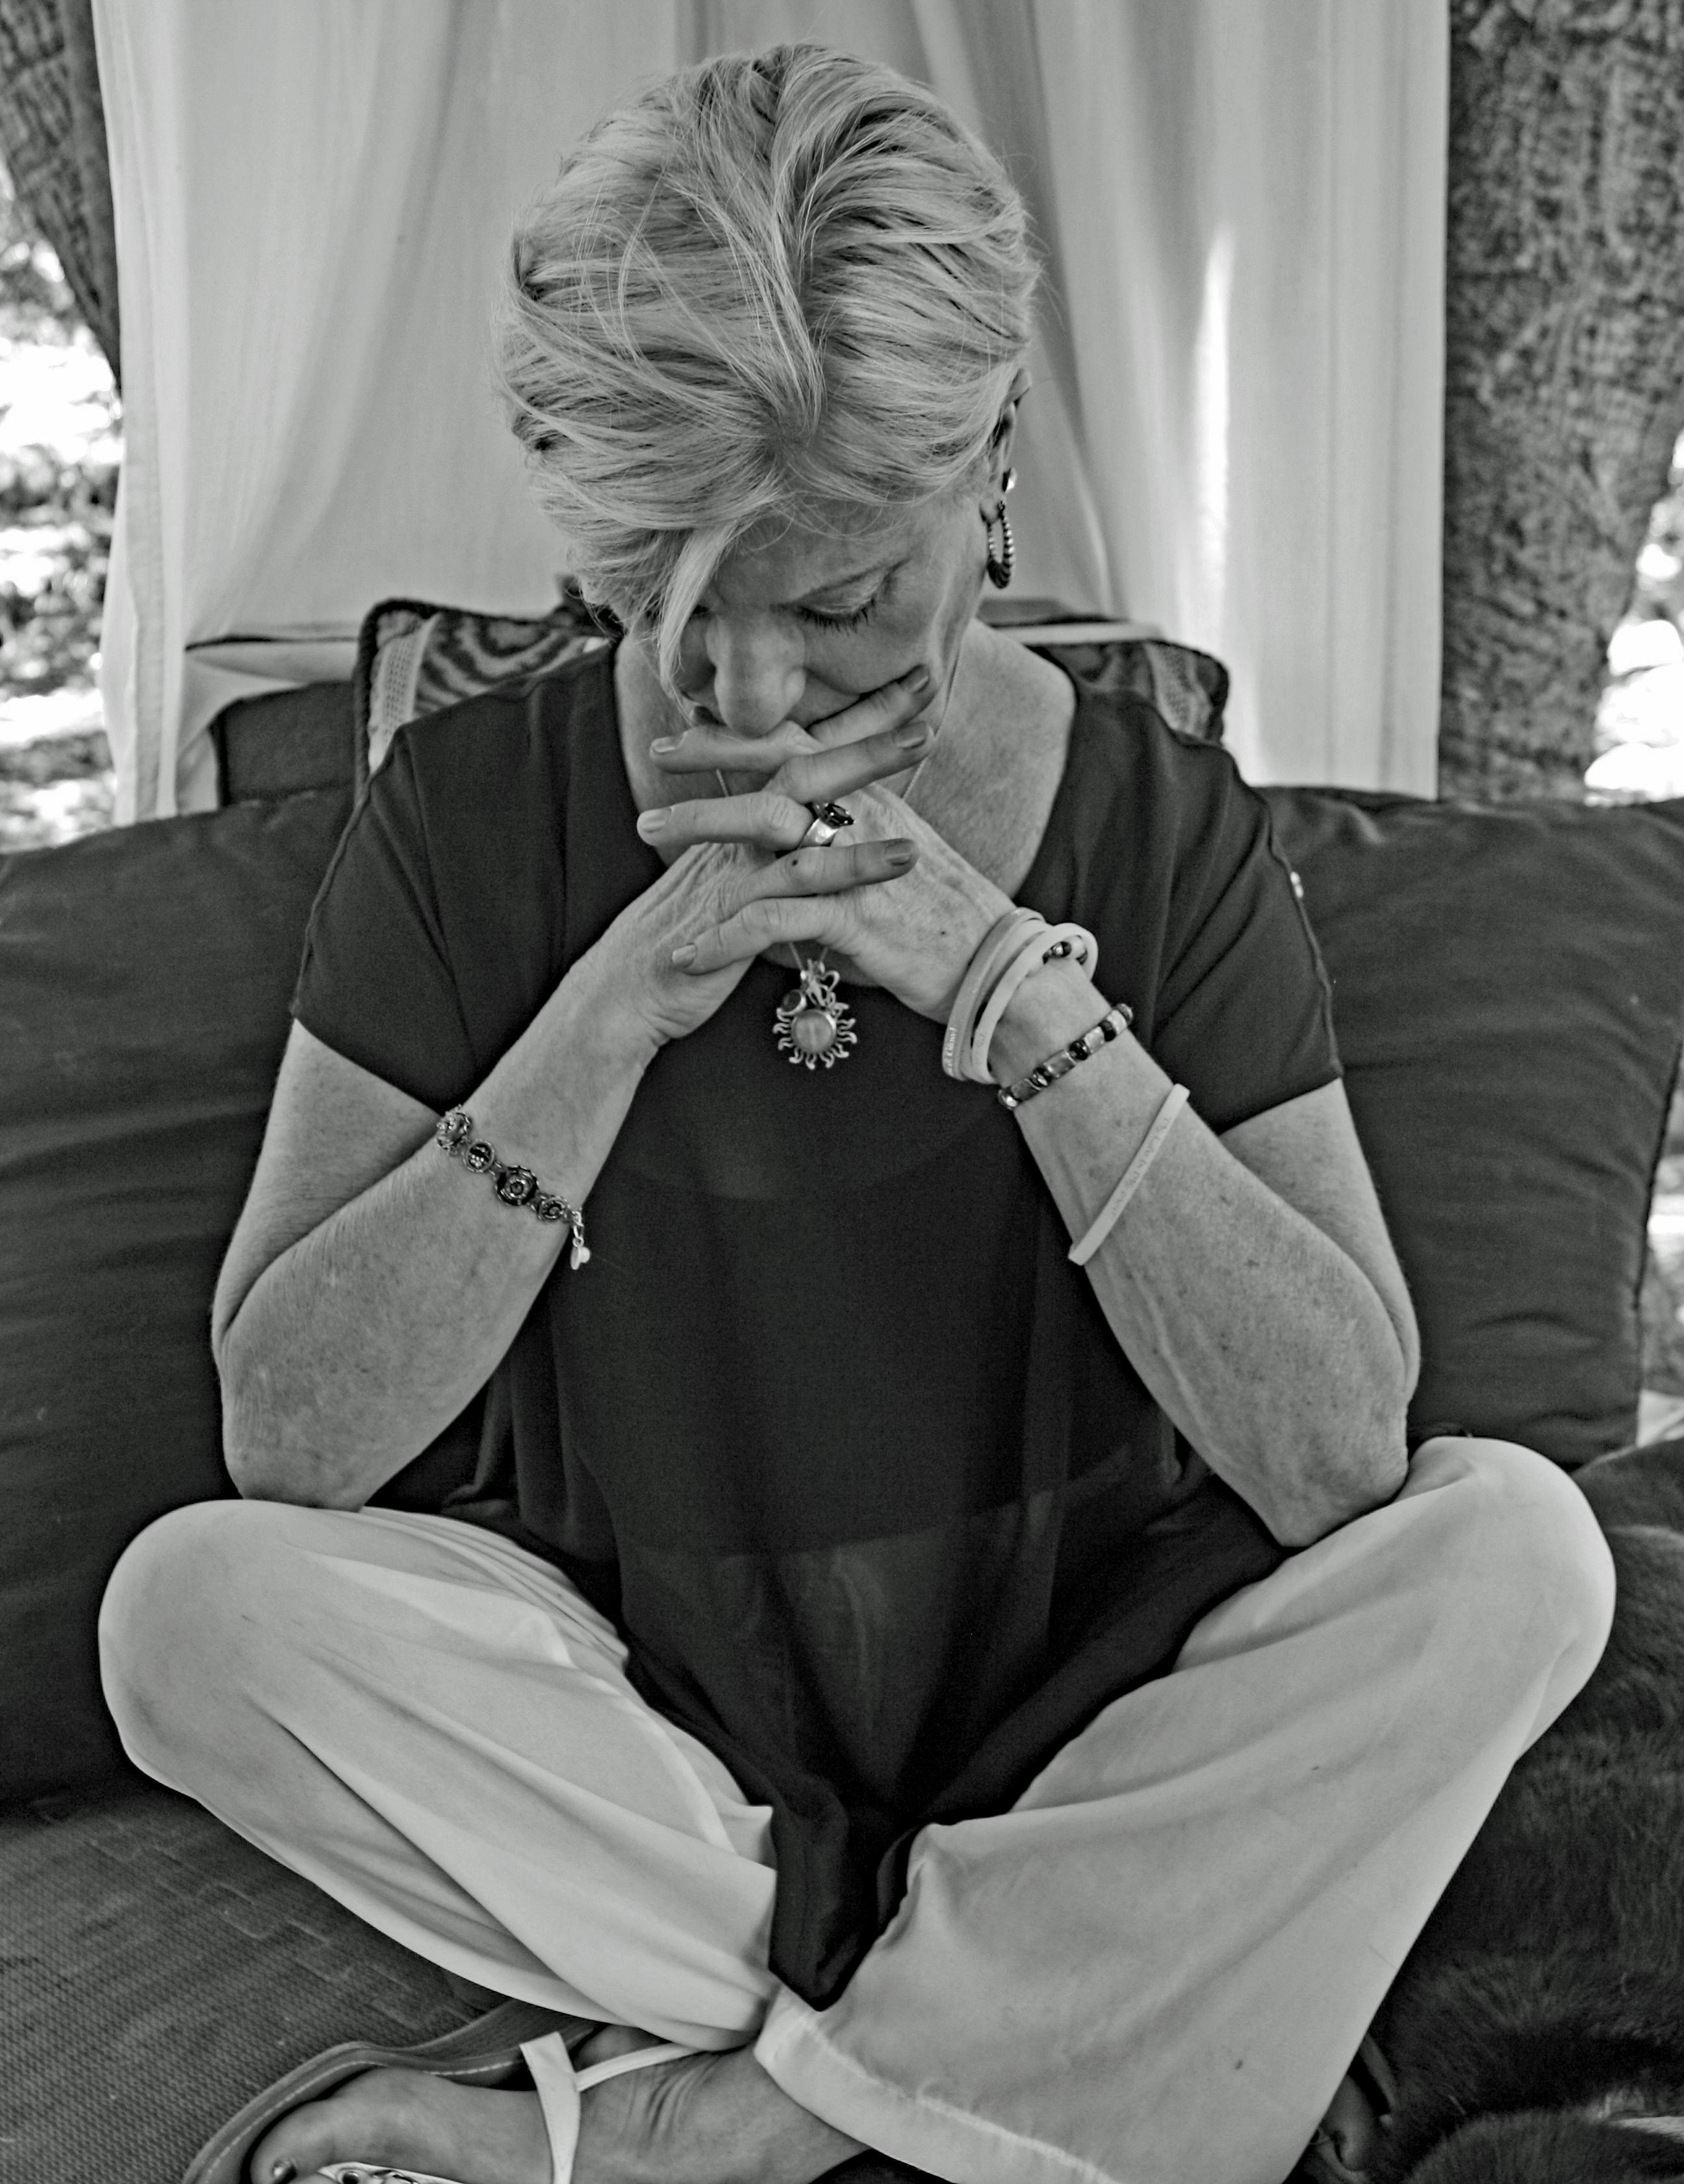 Spiritual Teacher Author Ronda LaRue